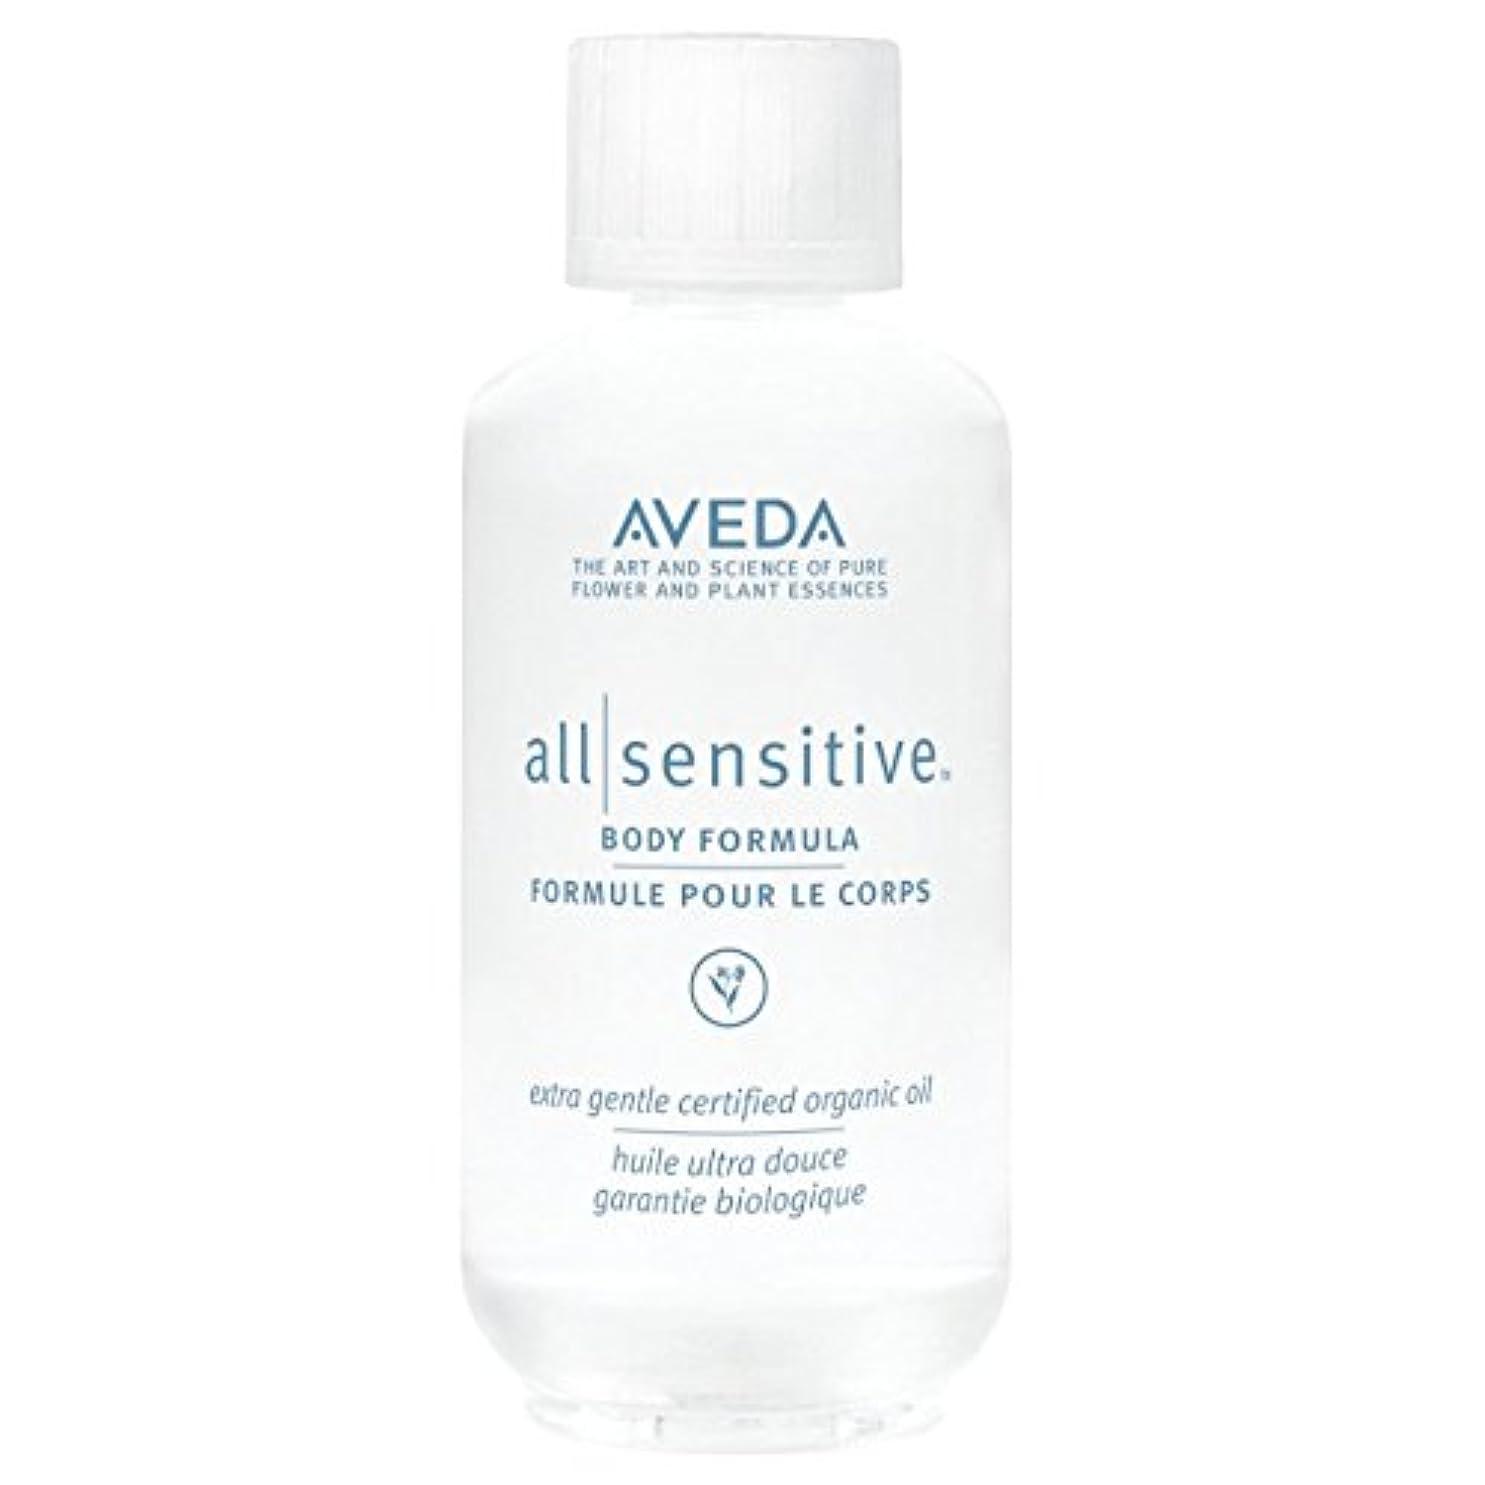 メタンシーン伝染病[AVEDA] アヴェダすべての敏感な身体式50ミリリットル - Aveda All Sensitive Body Formula 50ml [並行輸入品]